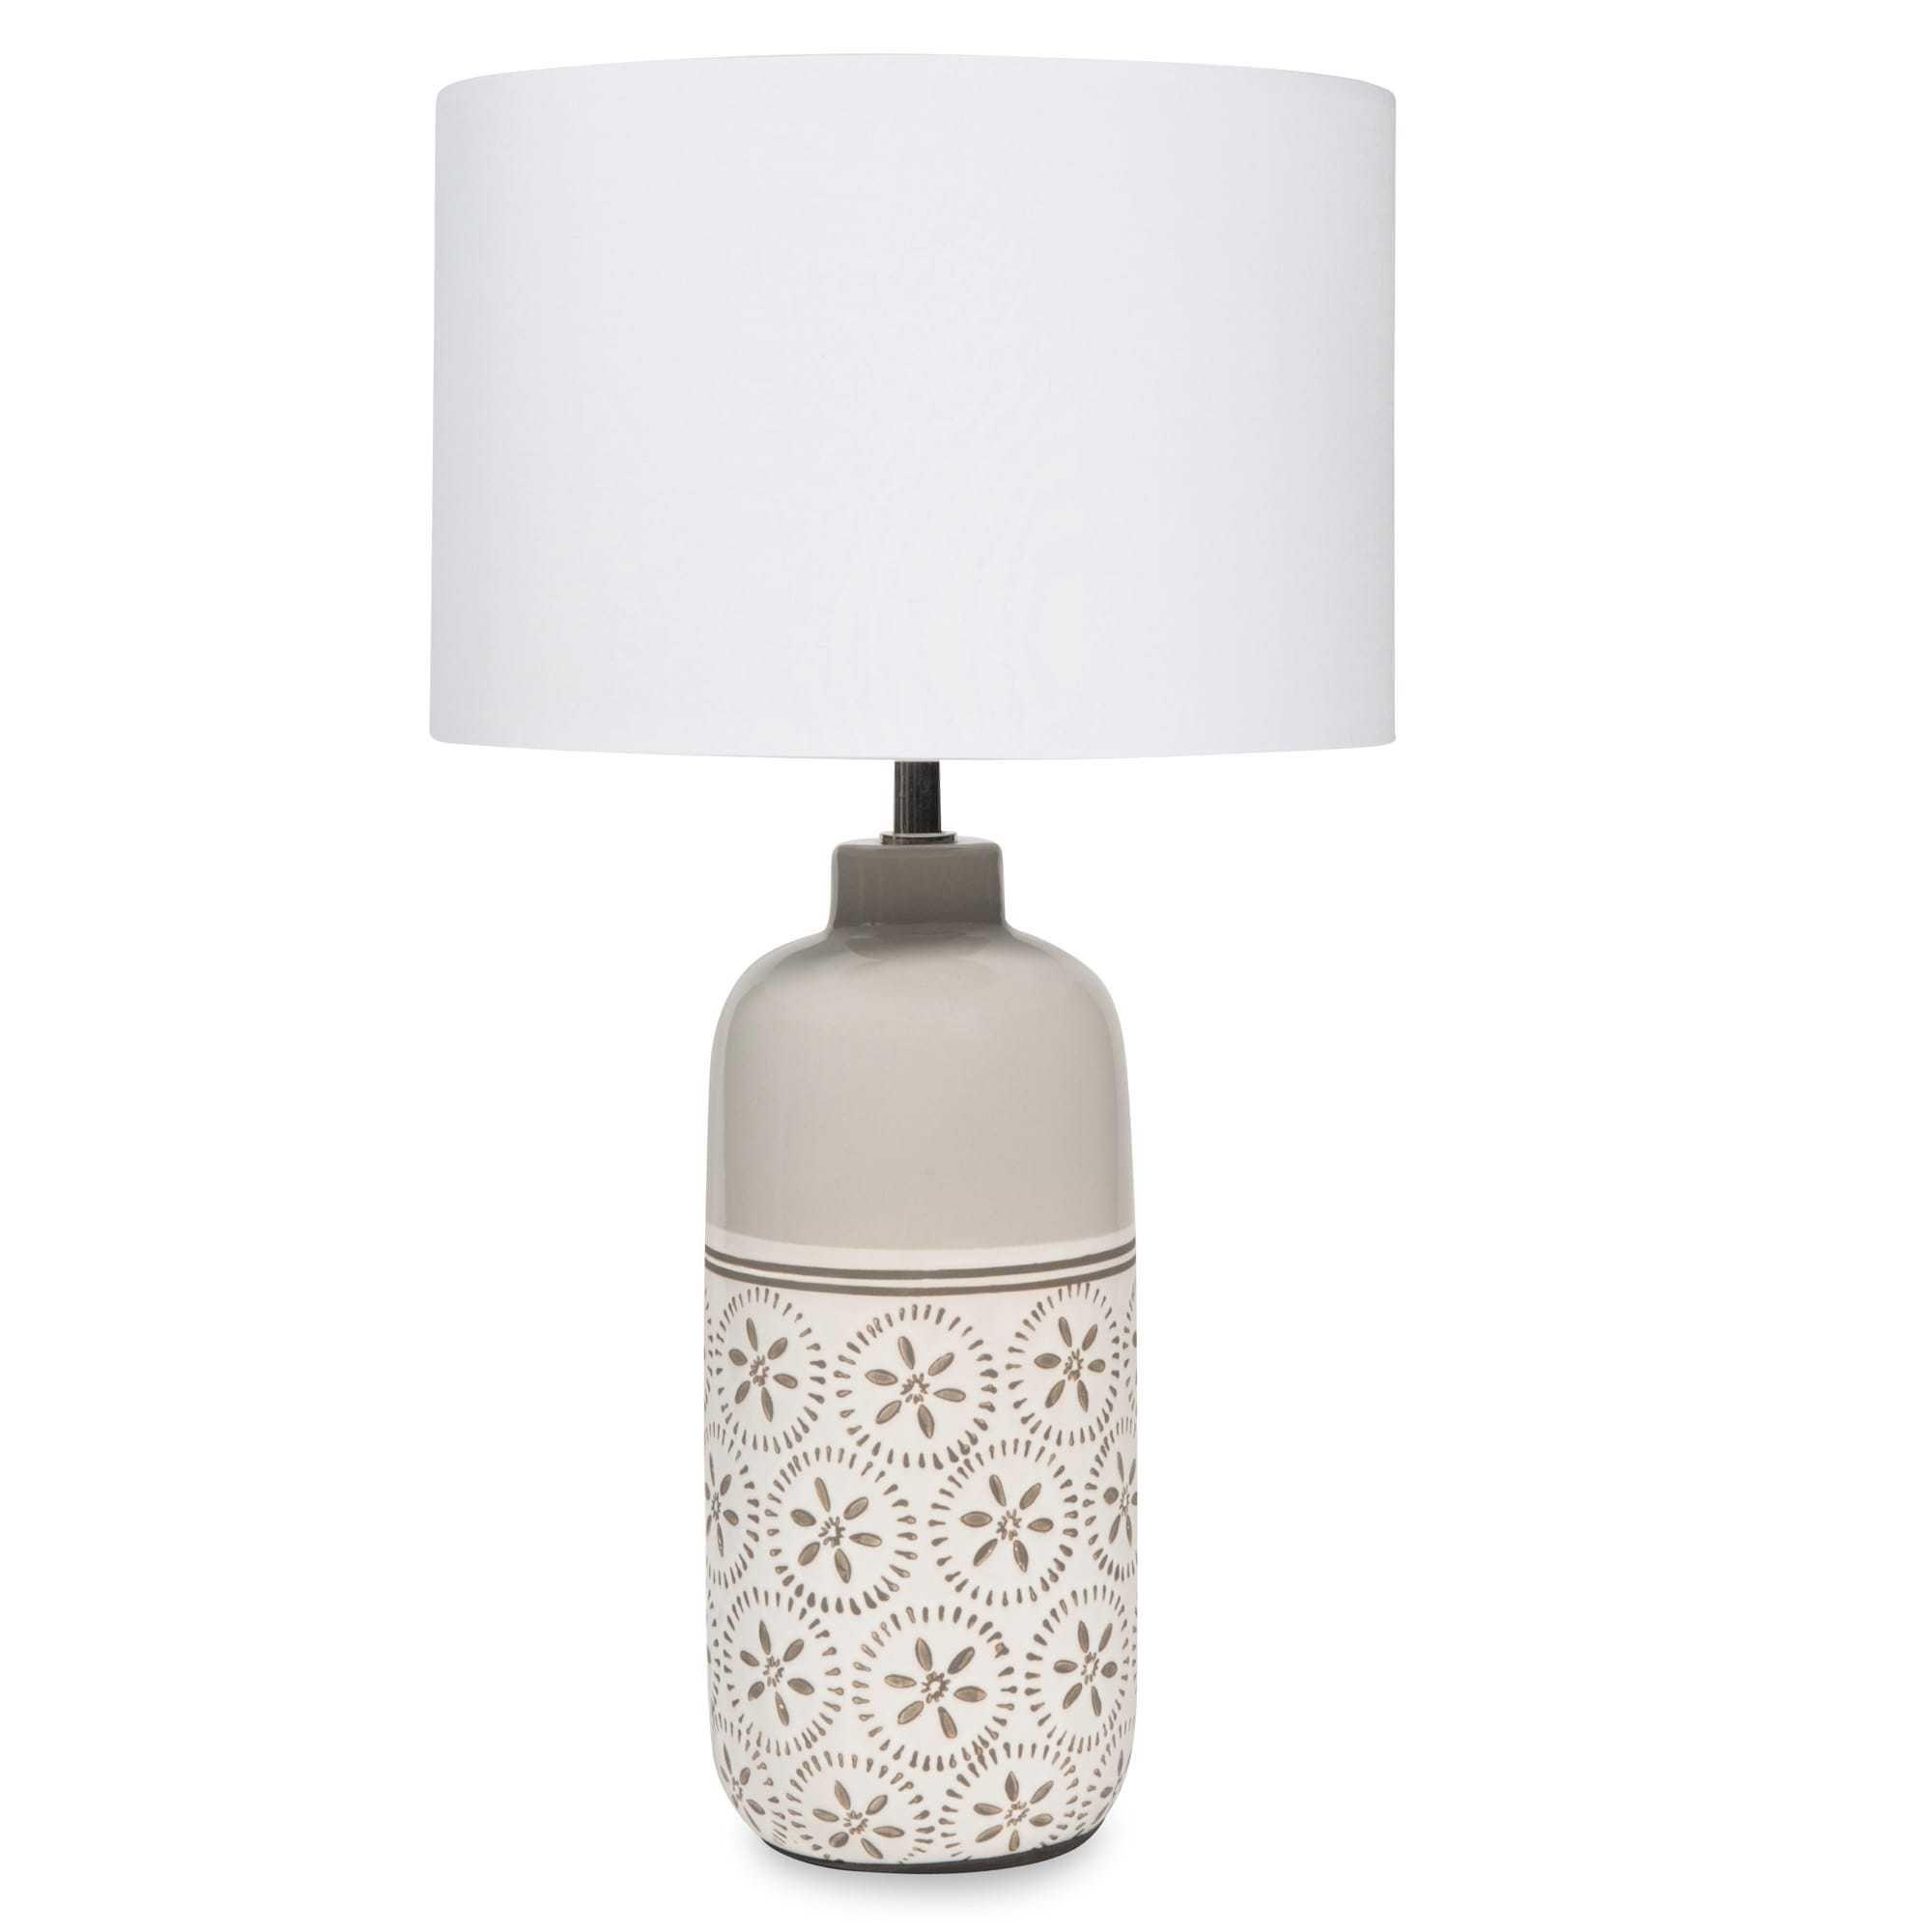 Lampe en céramique grise abat jour blanc KALALI Πάμπες